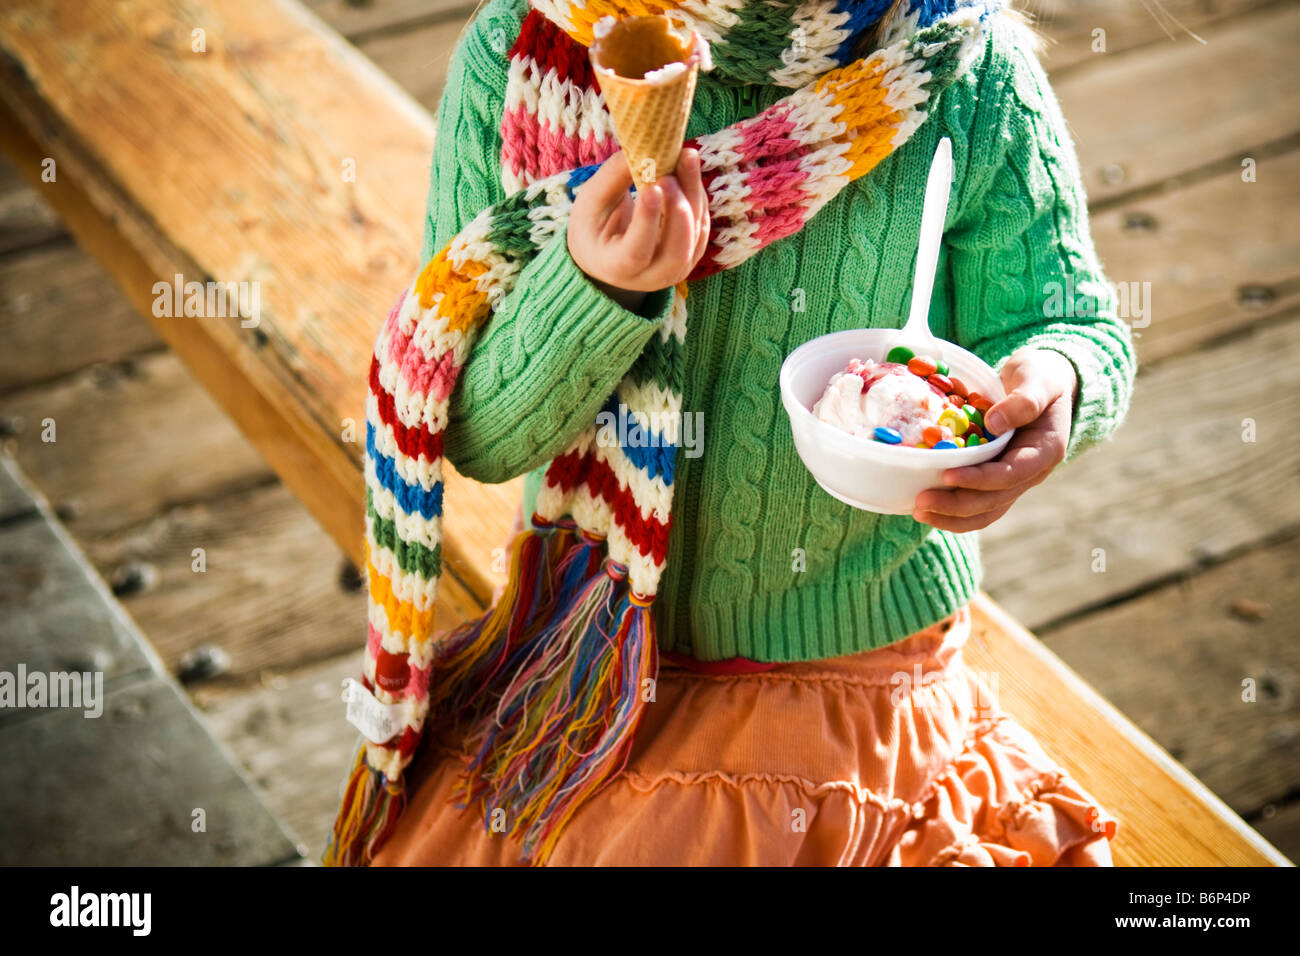 Una niña, de 4-5 años, disfruta de una taza de helado y m&M's en un día frío. Imagen De Stock